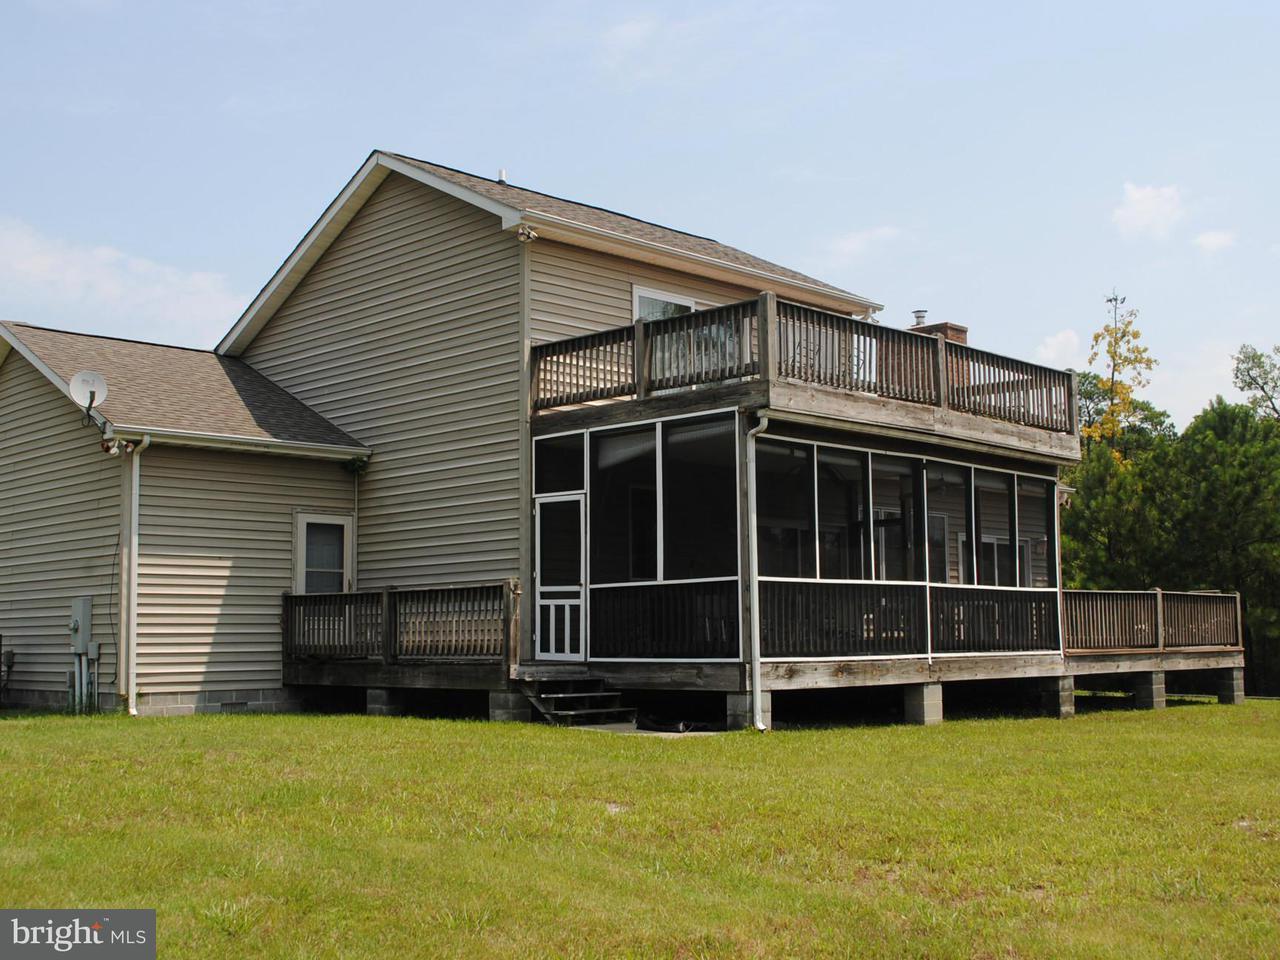 Частный односемейный дом для того Продажа на 5115 David Greene Road 5115 David Greene Road Cambridge, Мэриленд 21613 Соединенные Штаты